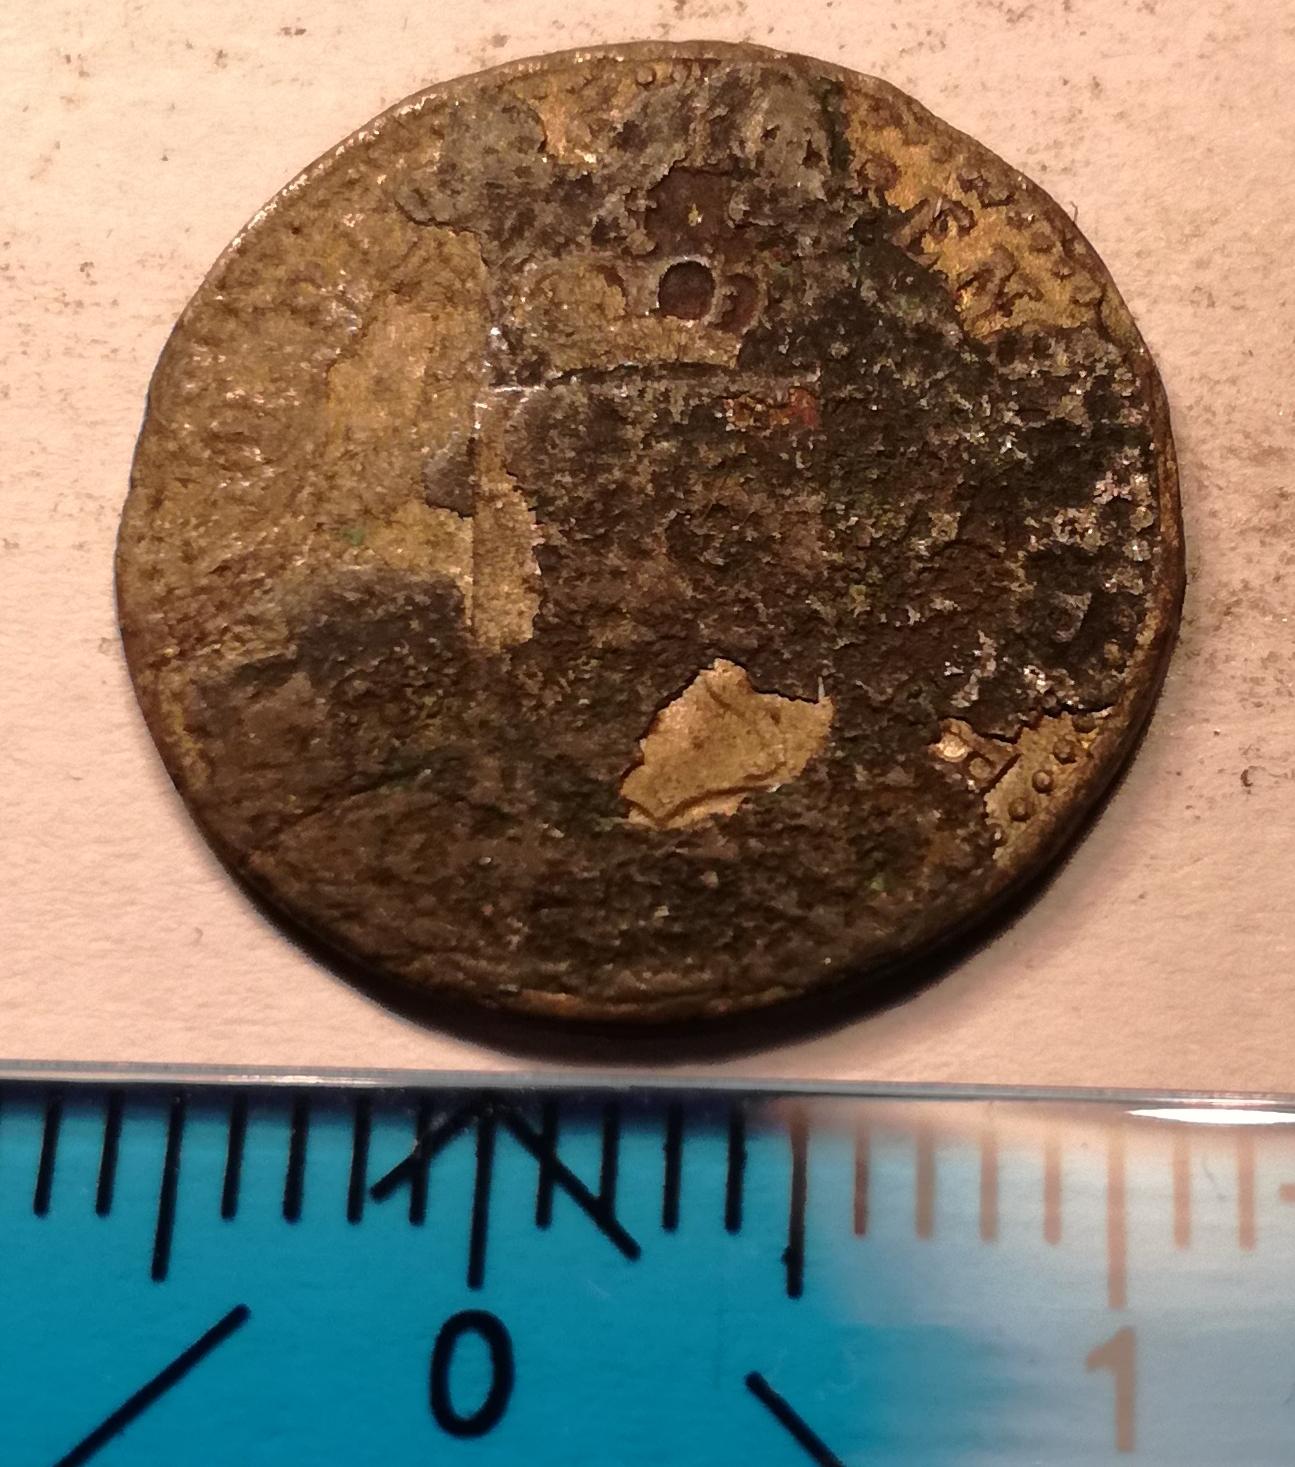 1844 Silber Groschen Rückseite.jpg